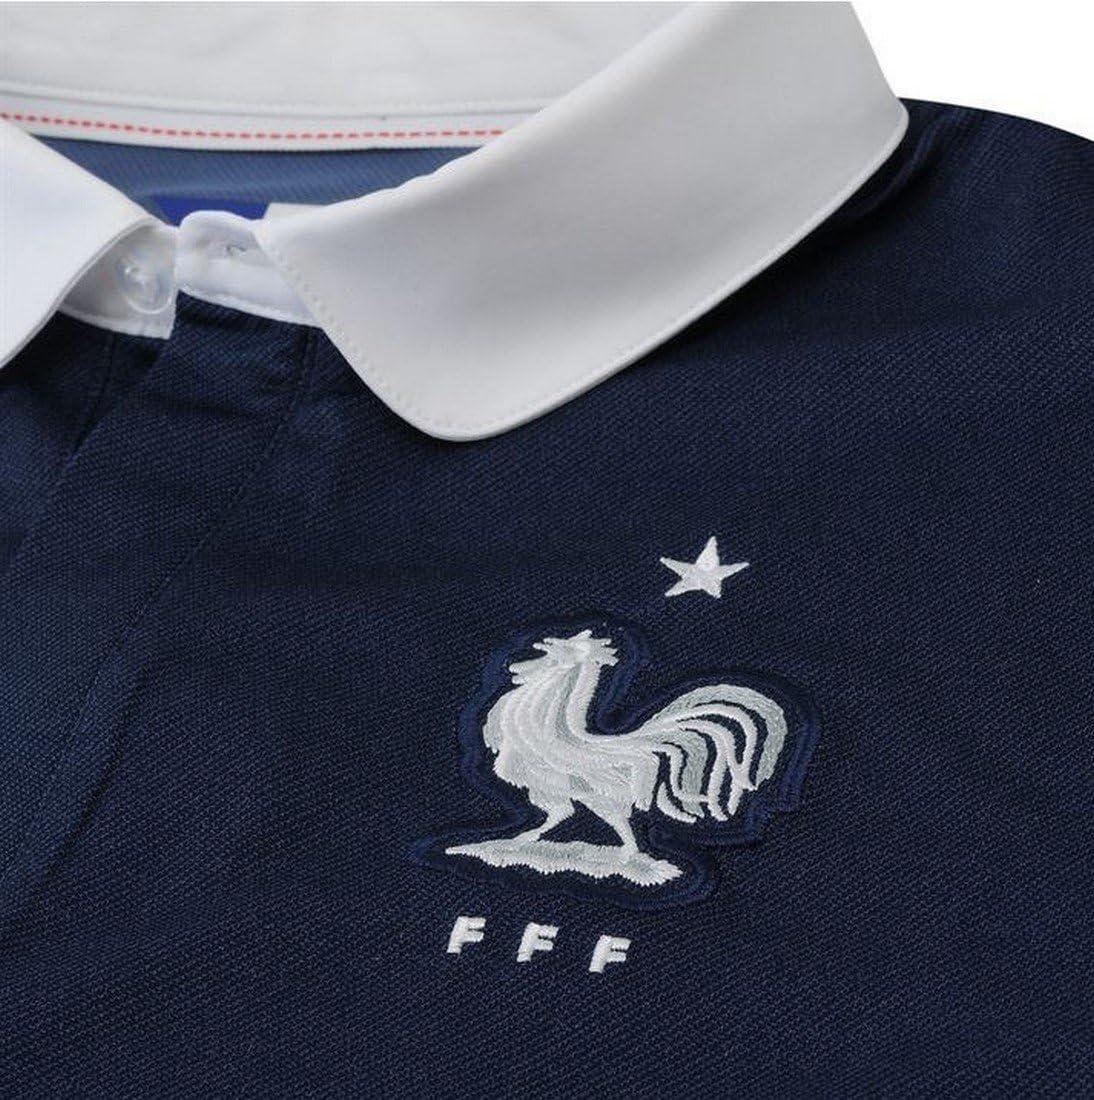 Nike - Camiseta deportiva, diseño de la selección francesa de ...